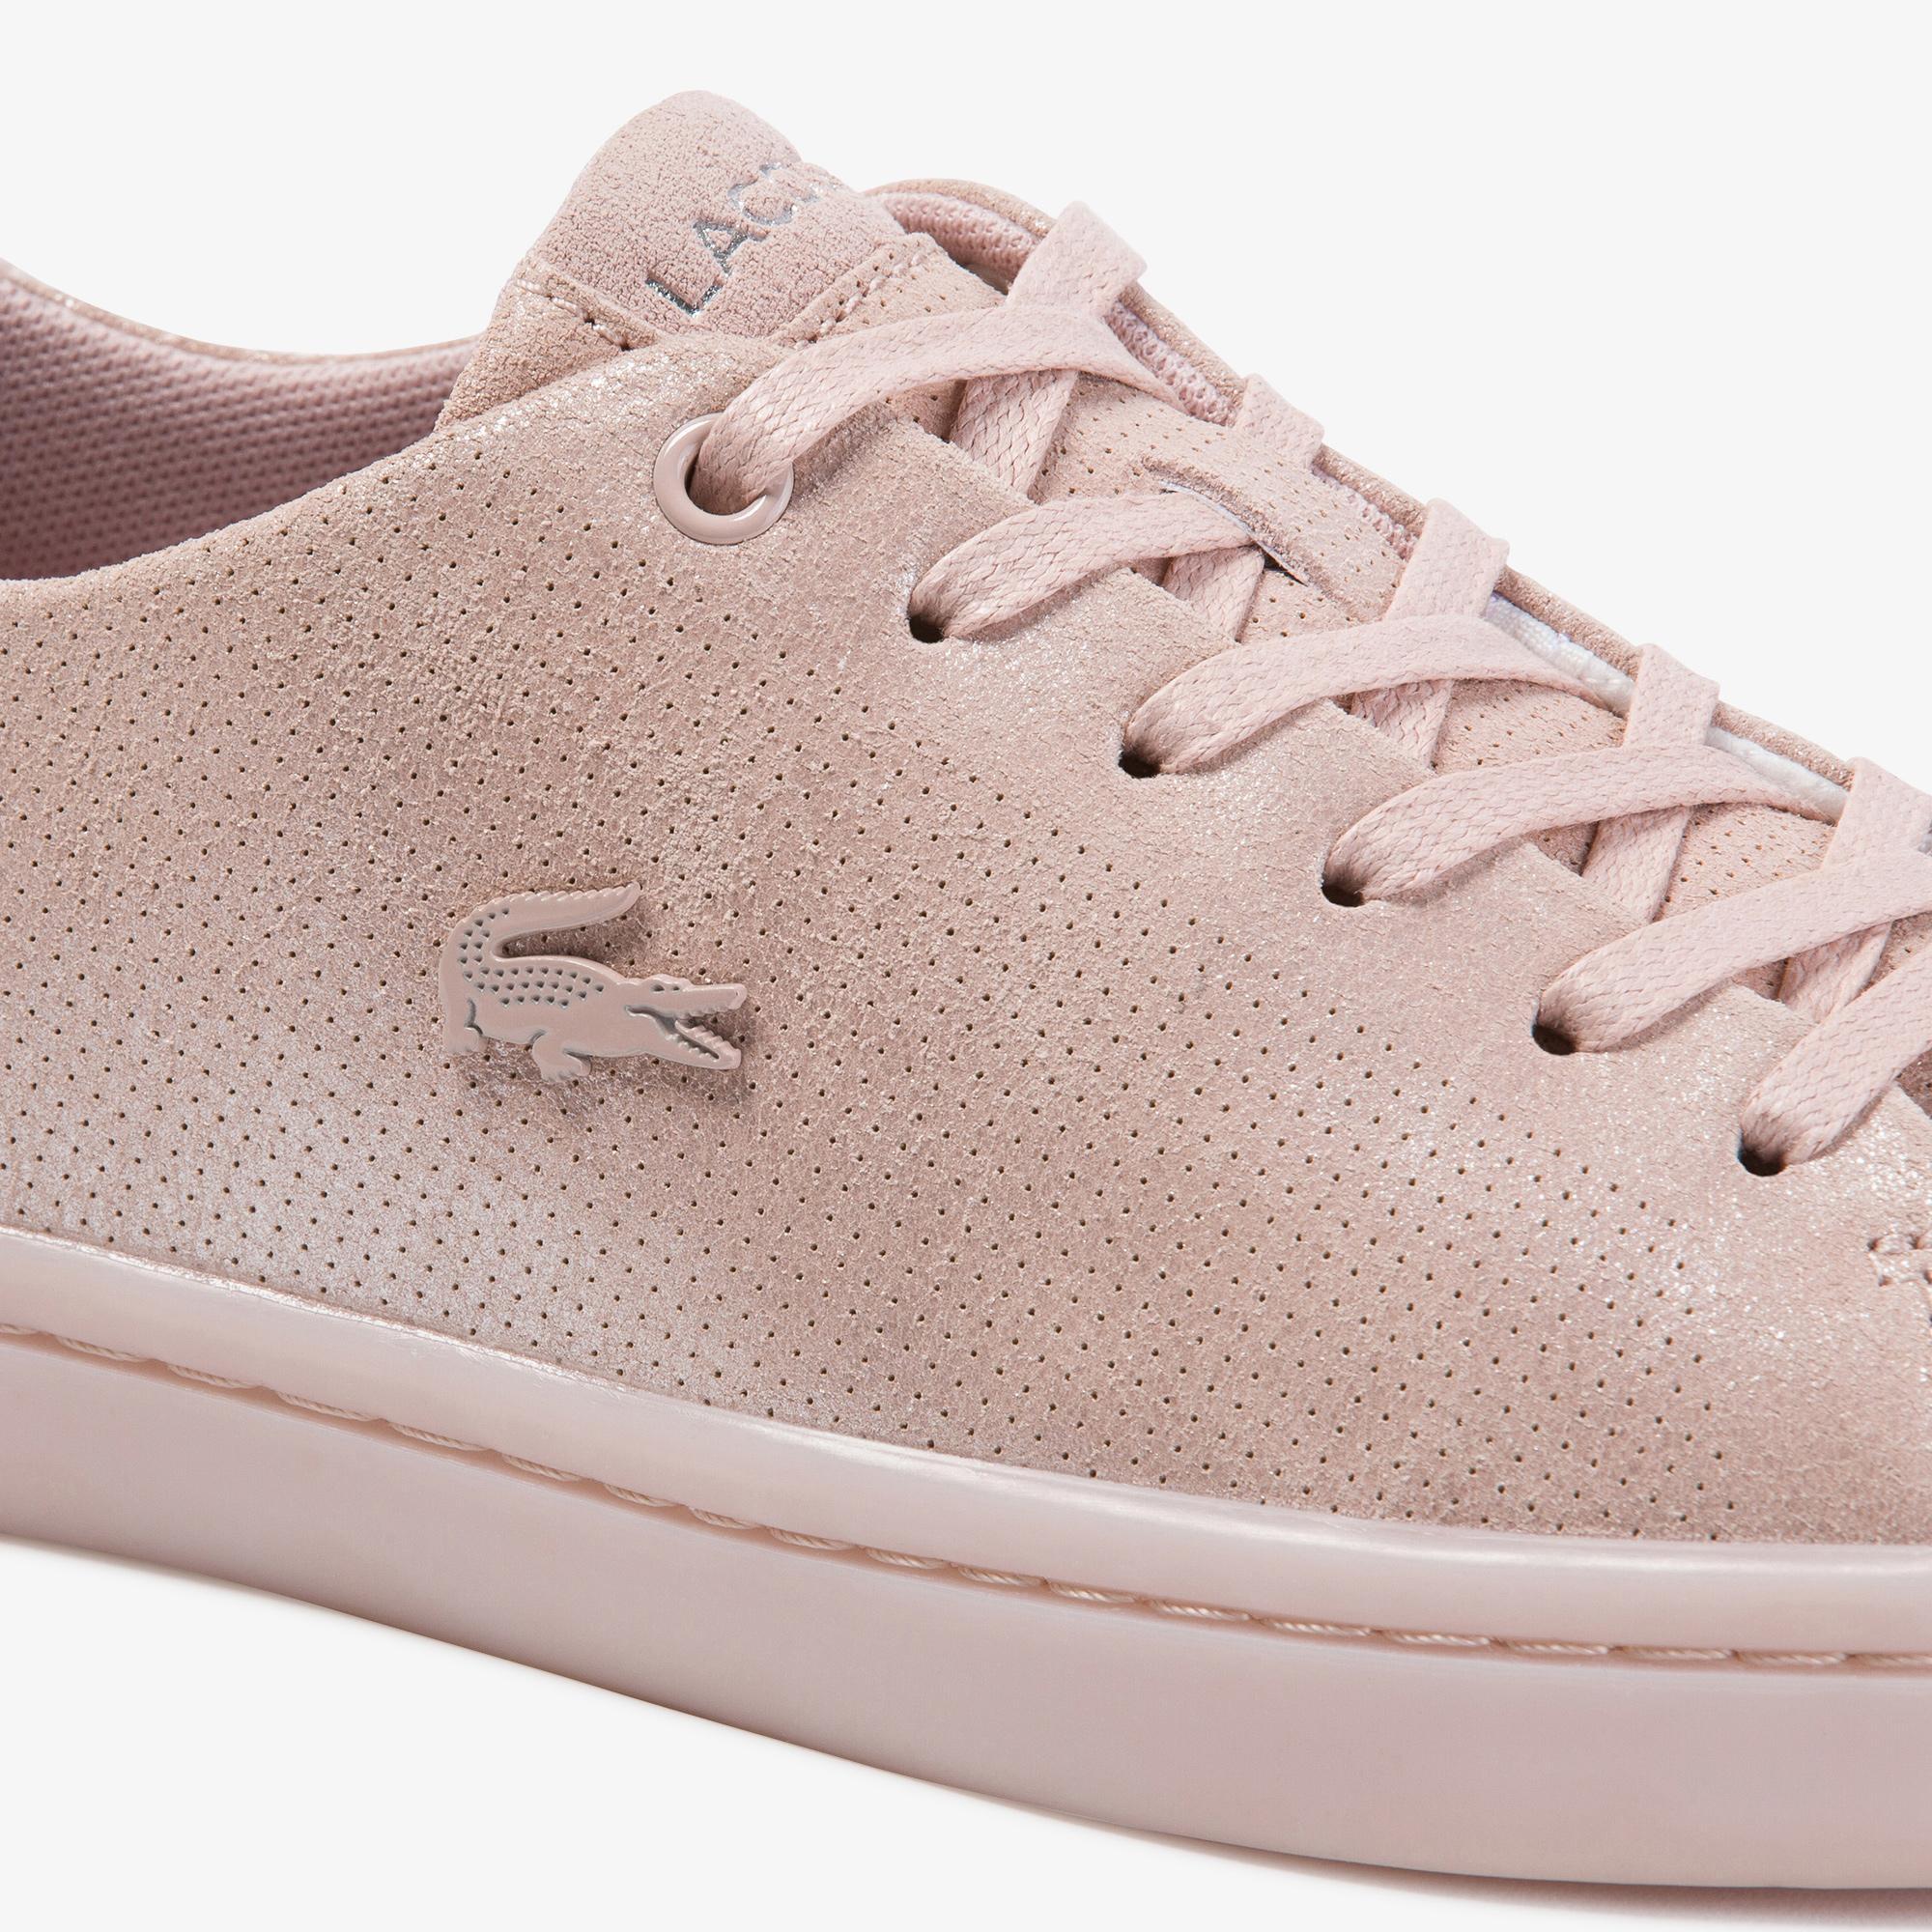 Lacoste Showcourt 2.0 120 1 Women's Sneakers